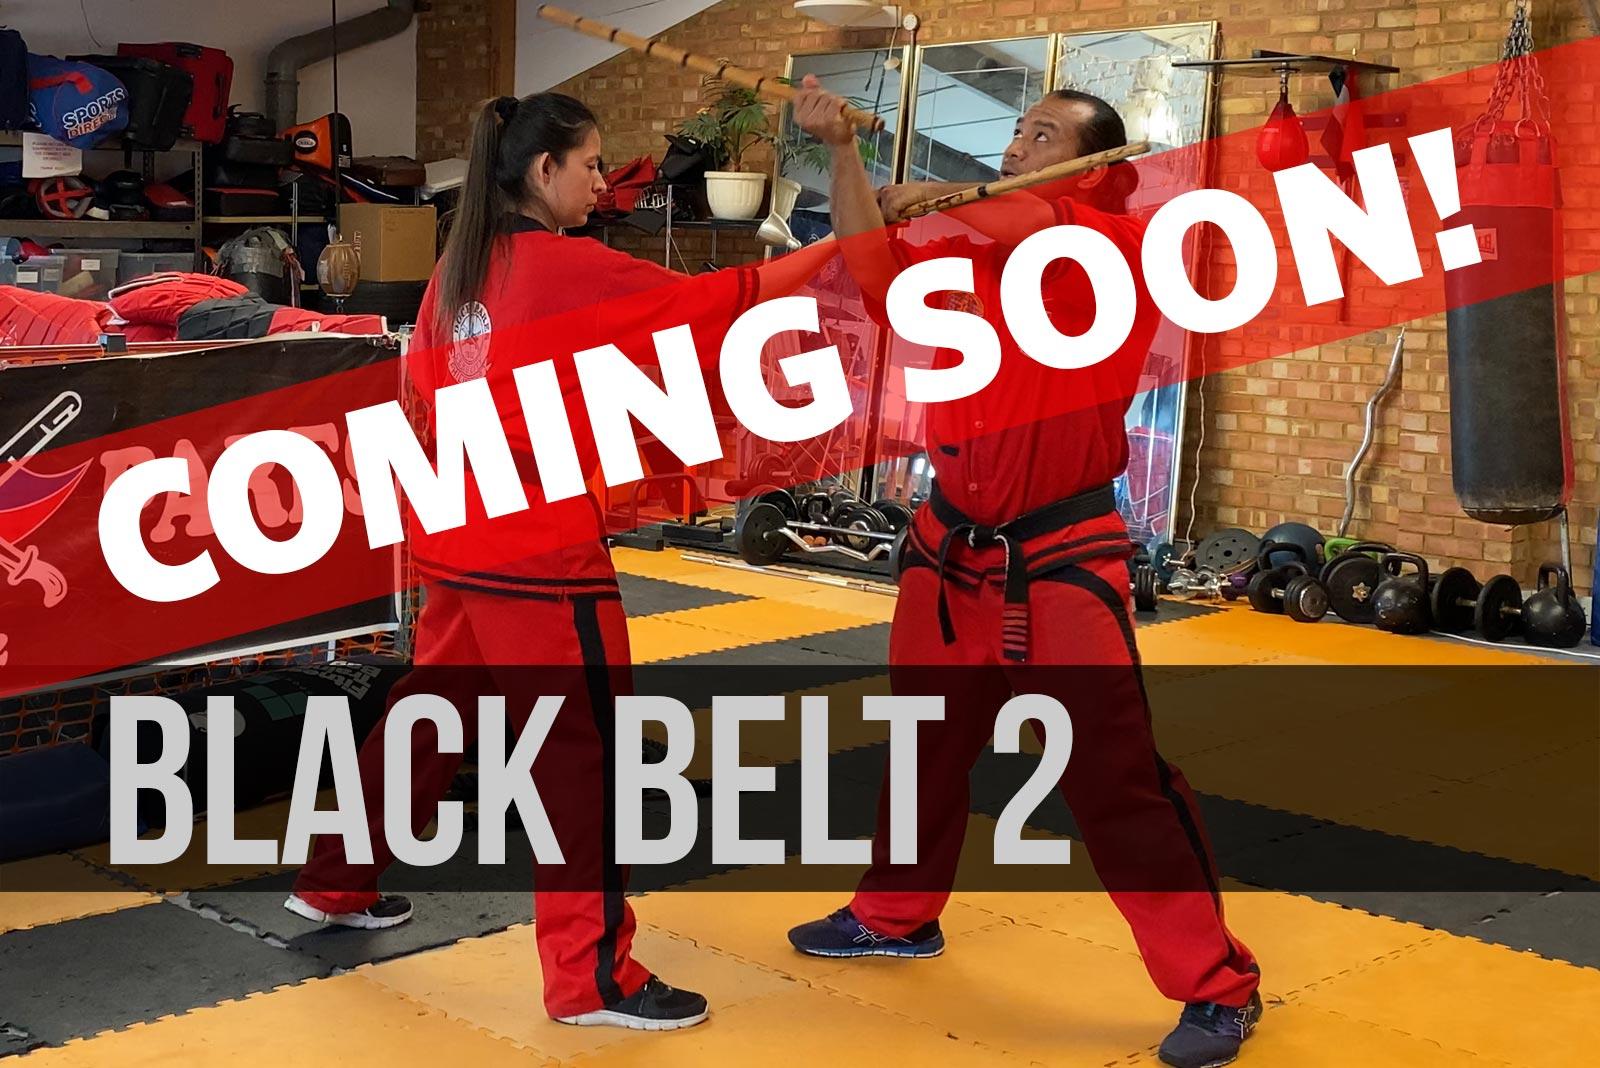 black-belt-2-coming-soon